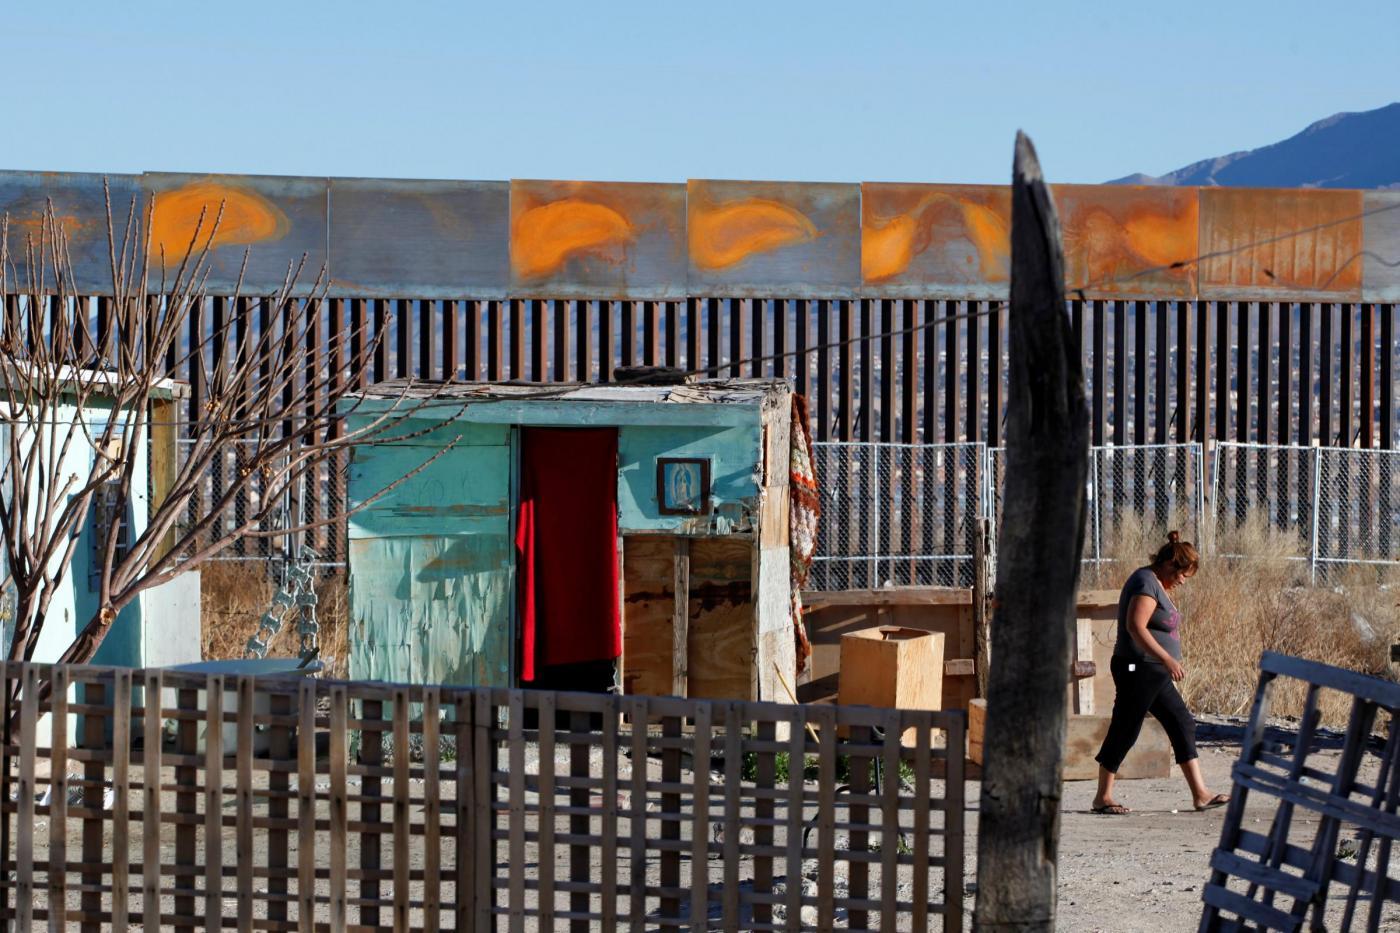 Usa, presidente Trump firma ordine esecutivo per muro a confine Messico